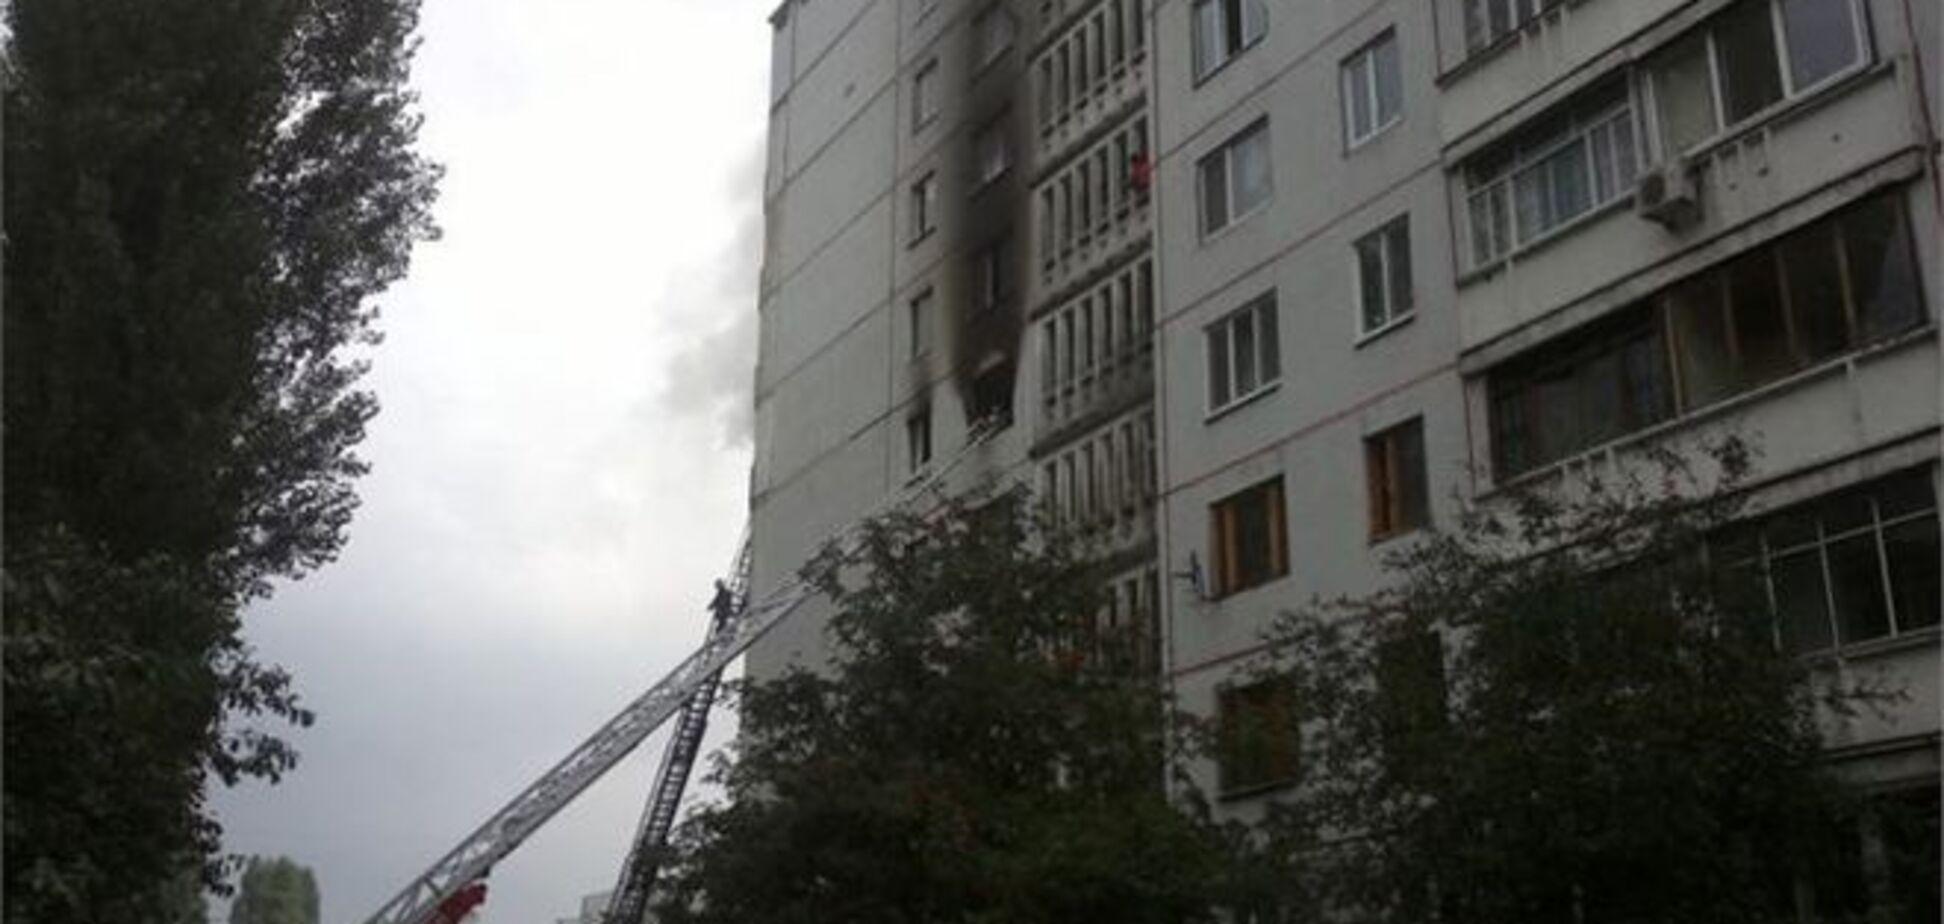 Пожежа в багатоповерхівці Харкова: чоловік отримав опіки 70% тіла